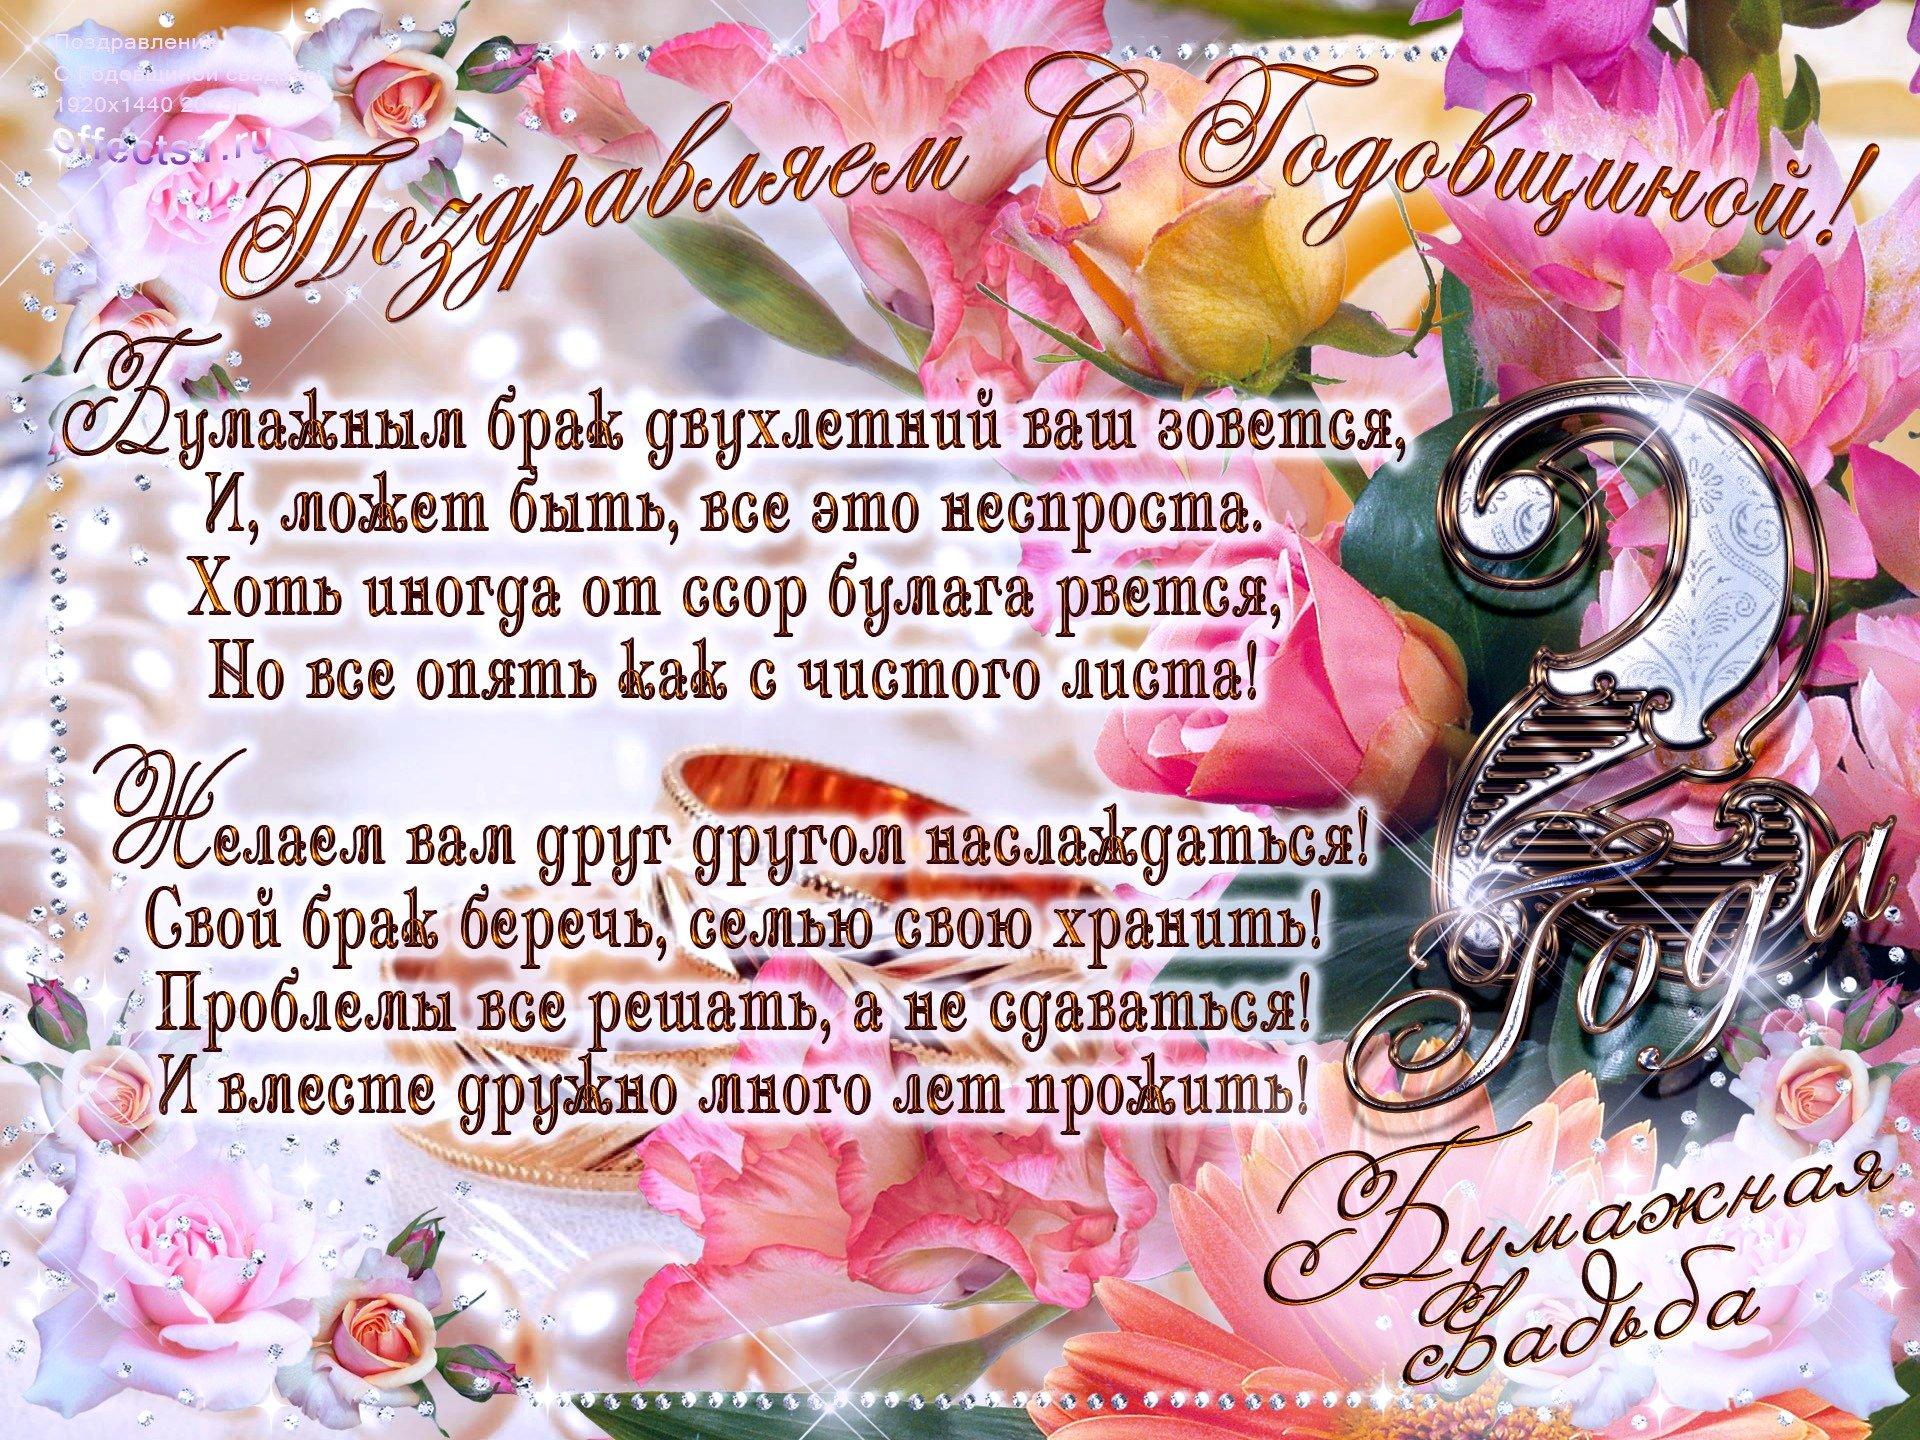 сушатся открытки в стихах с бумажной свадьбой эффектно смотрятся